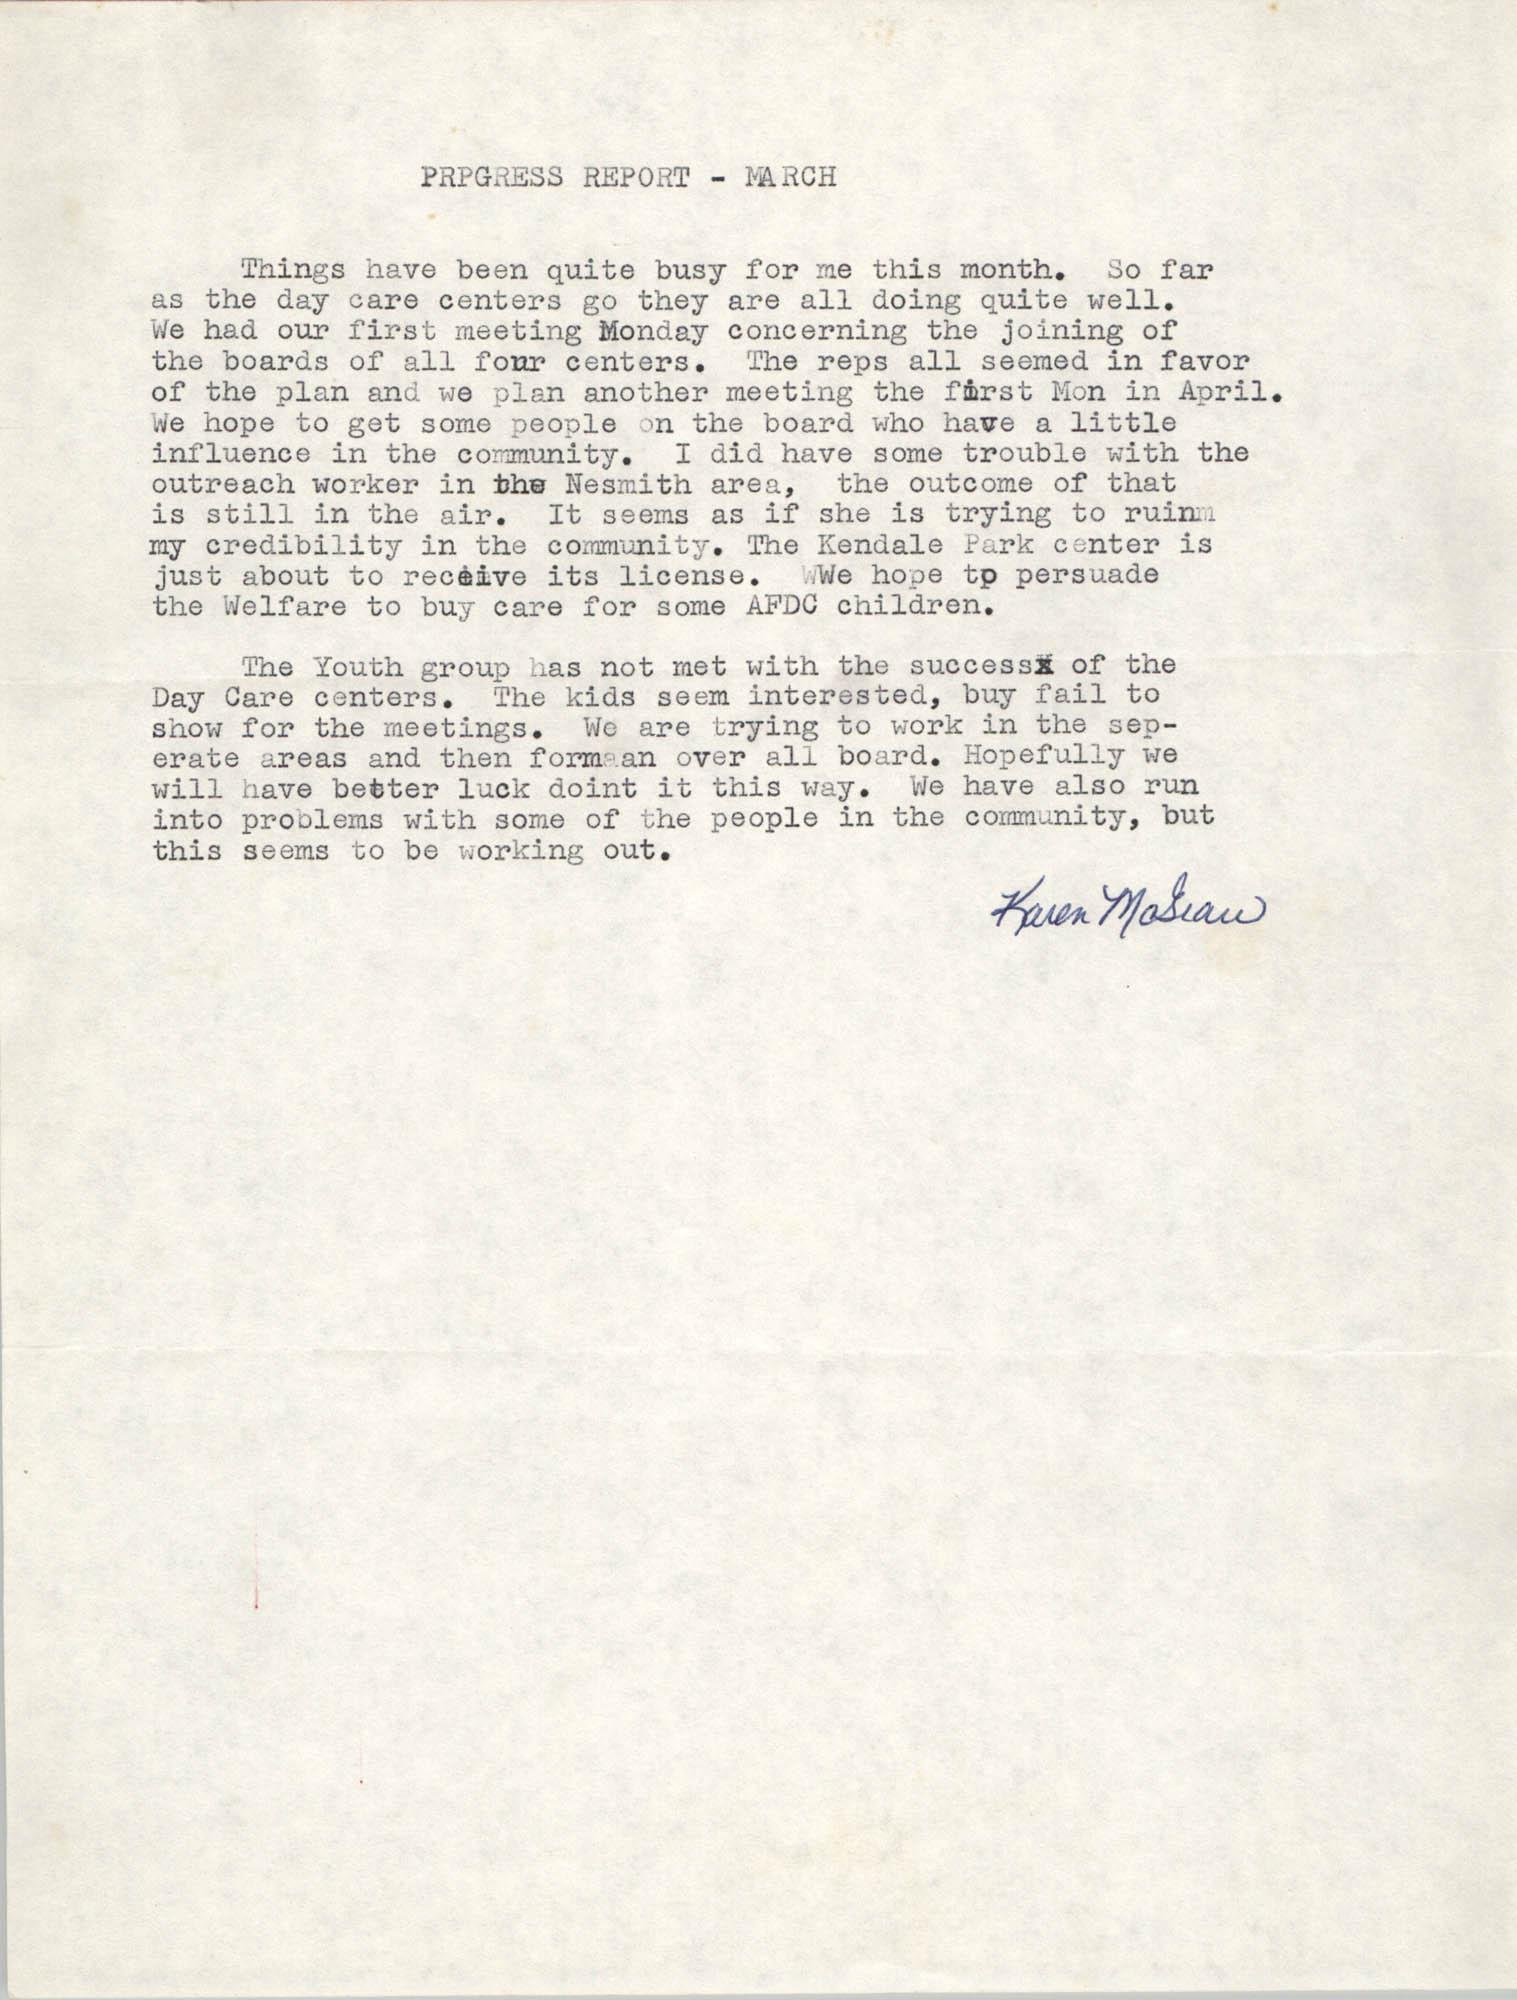 VISTA Progress Report, March 1971